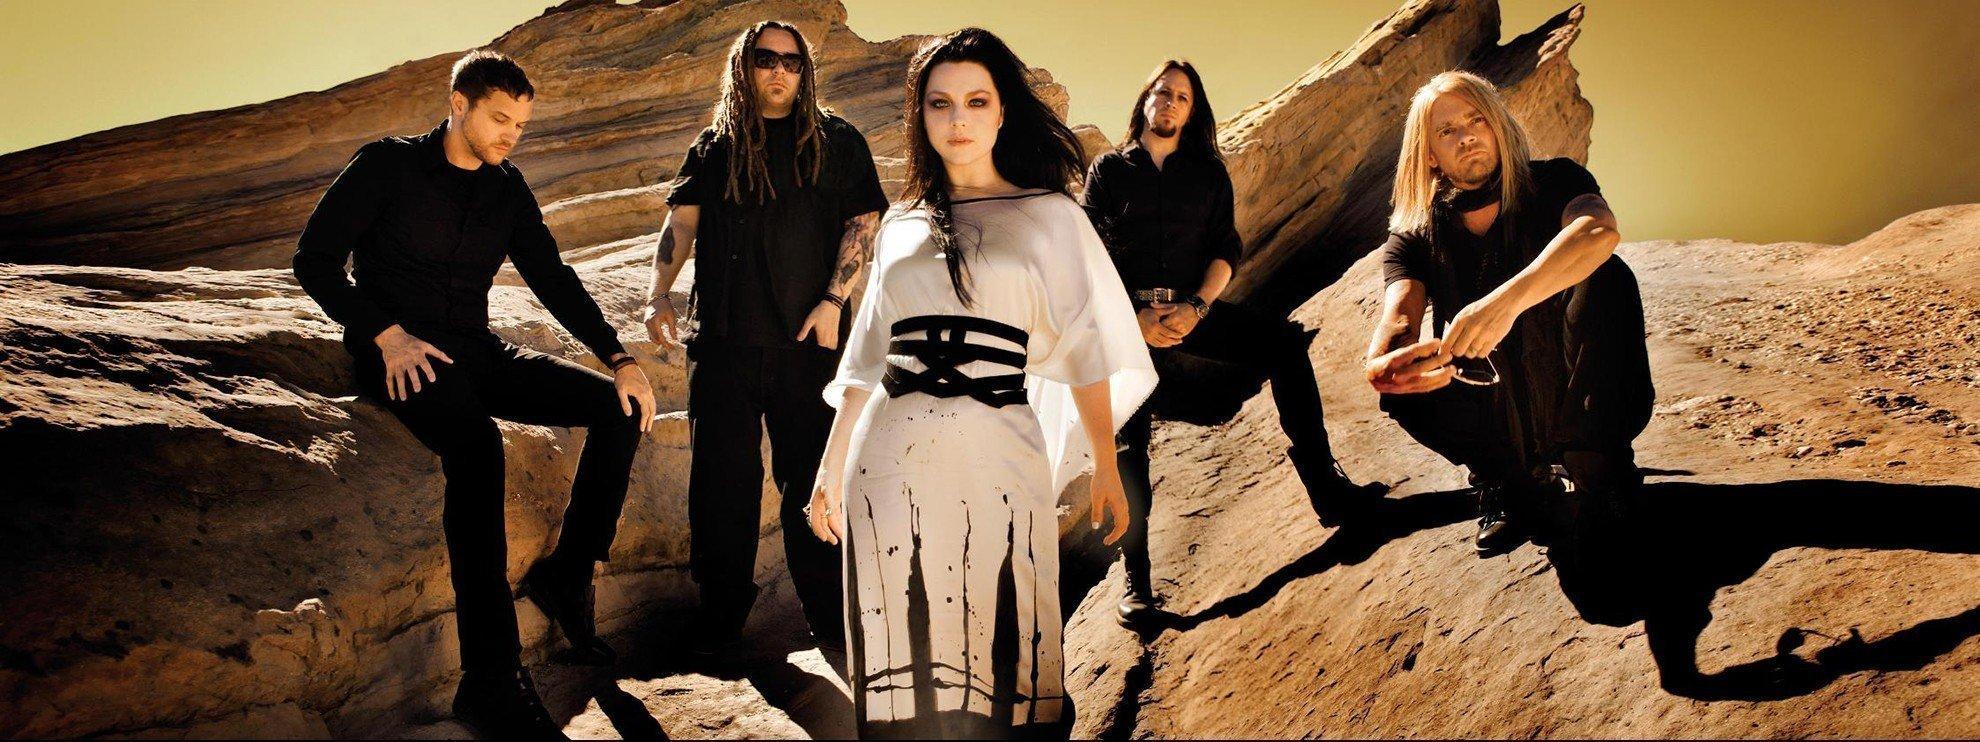 событие Evanescence